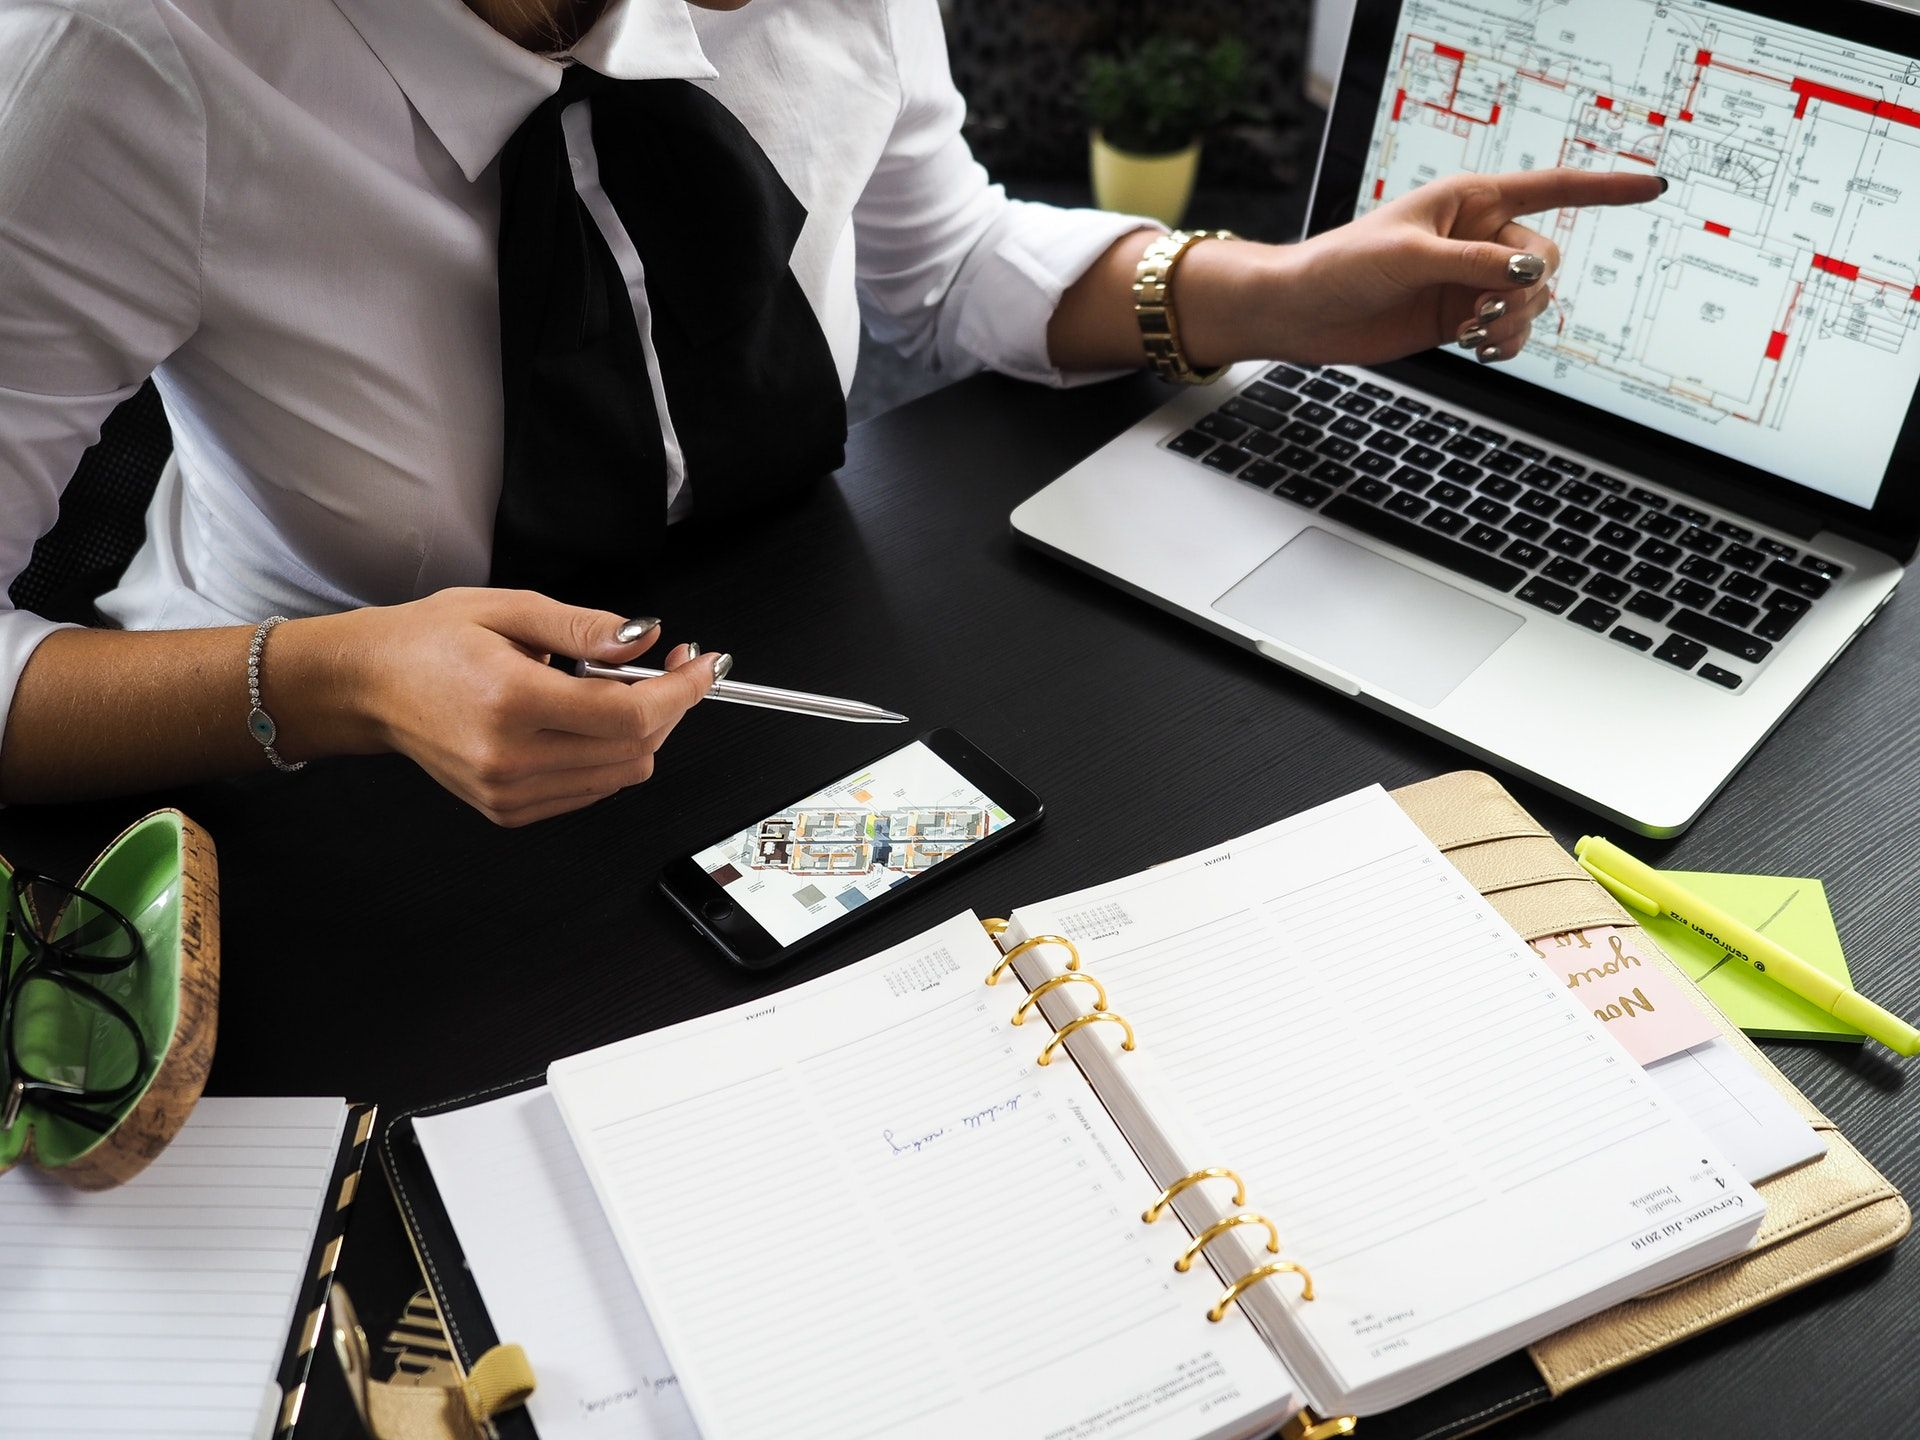 عکس زمینه میز کار لپ تاپ و دفترچه یادداشت پس زمینه